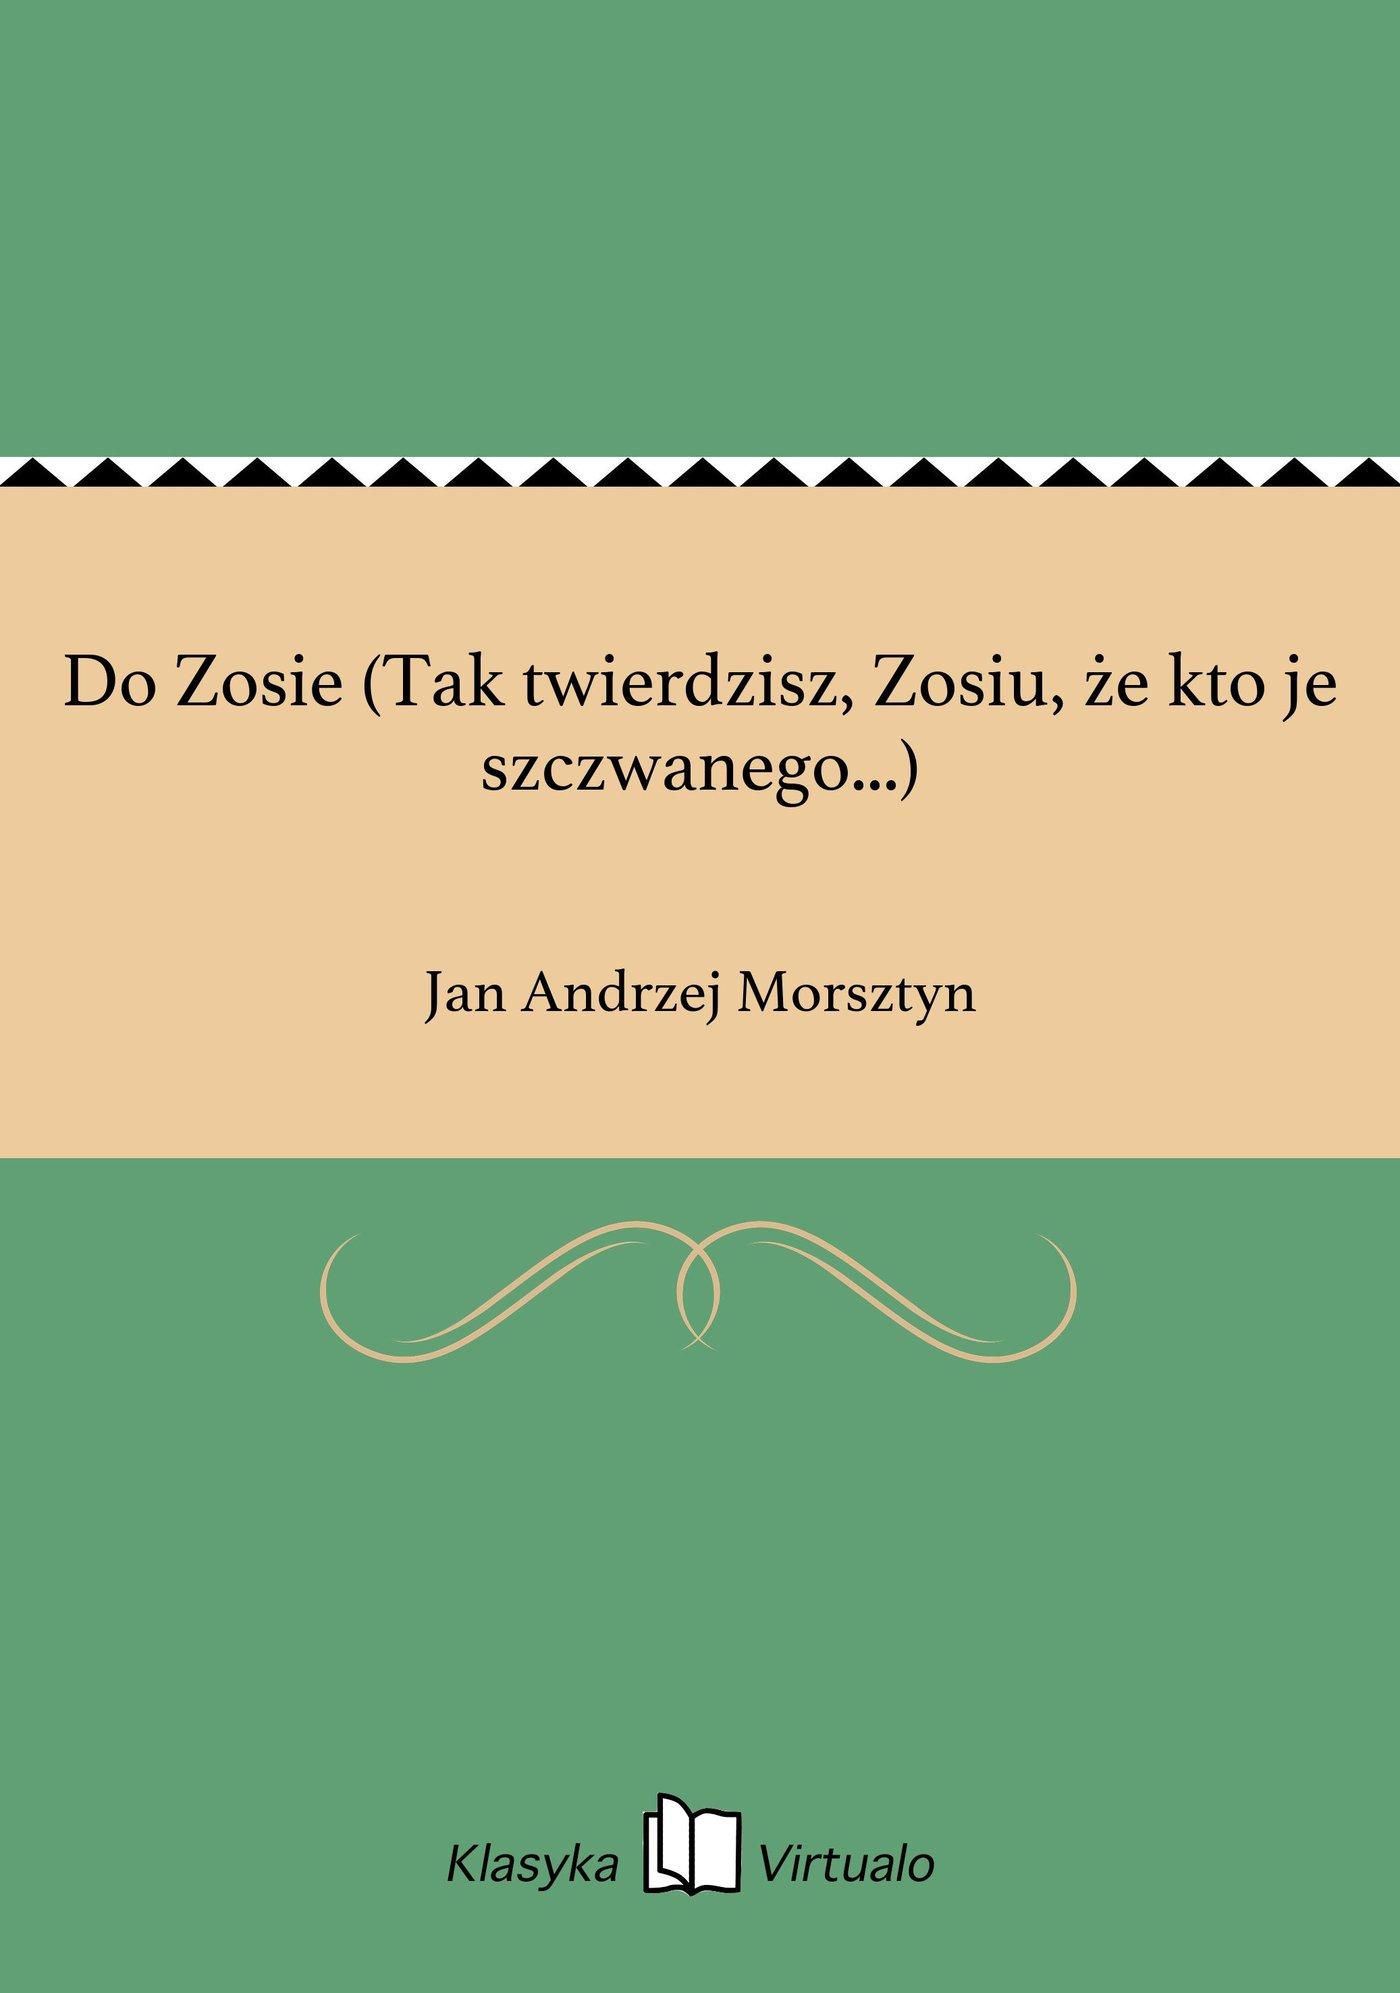 Do Zosie (Tak twierdzisz, Zosiu, że kto je szczwanego...) - Ebook (Książka na Kindle) do pobrania w formacie MOBI